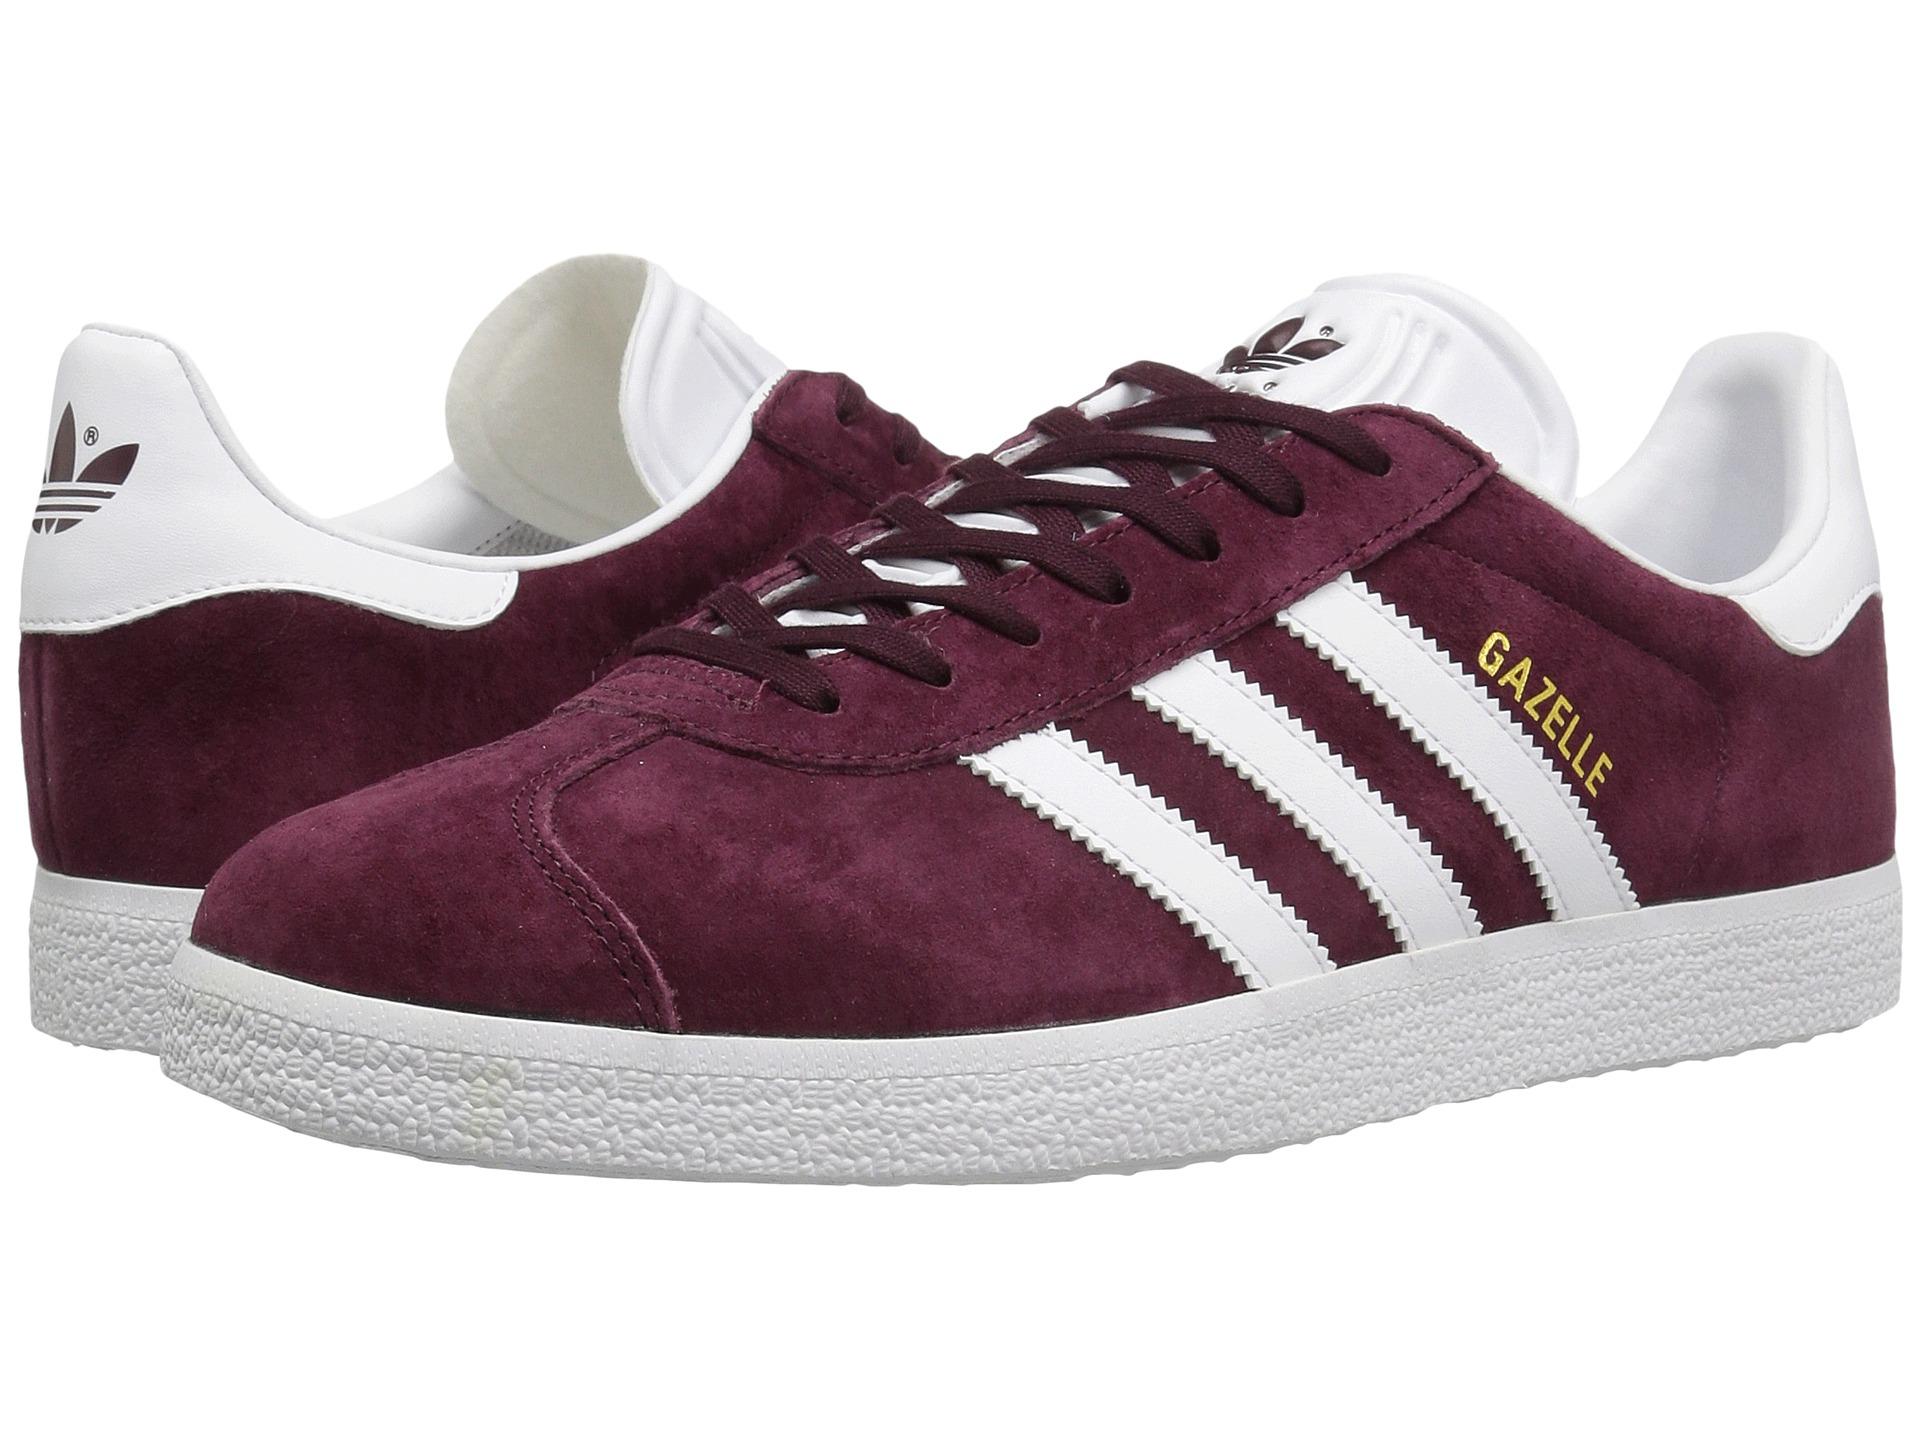 Adidas Originals Mens Maroon Shoes